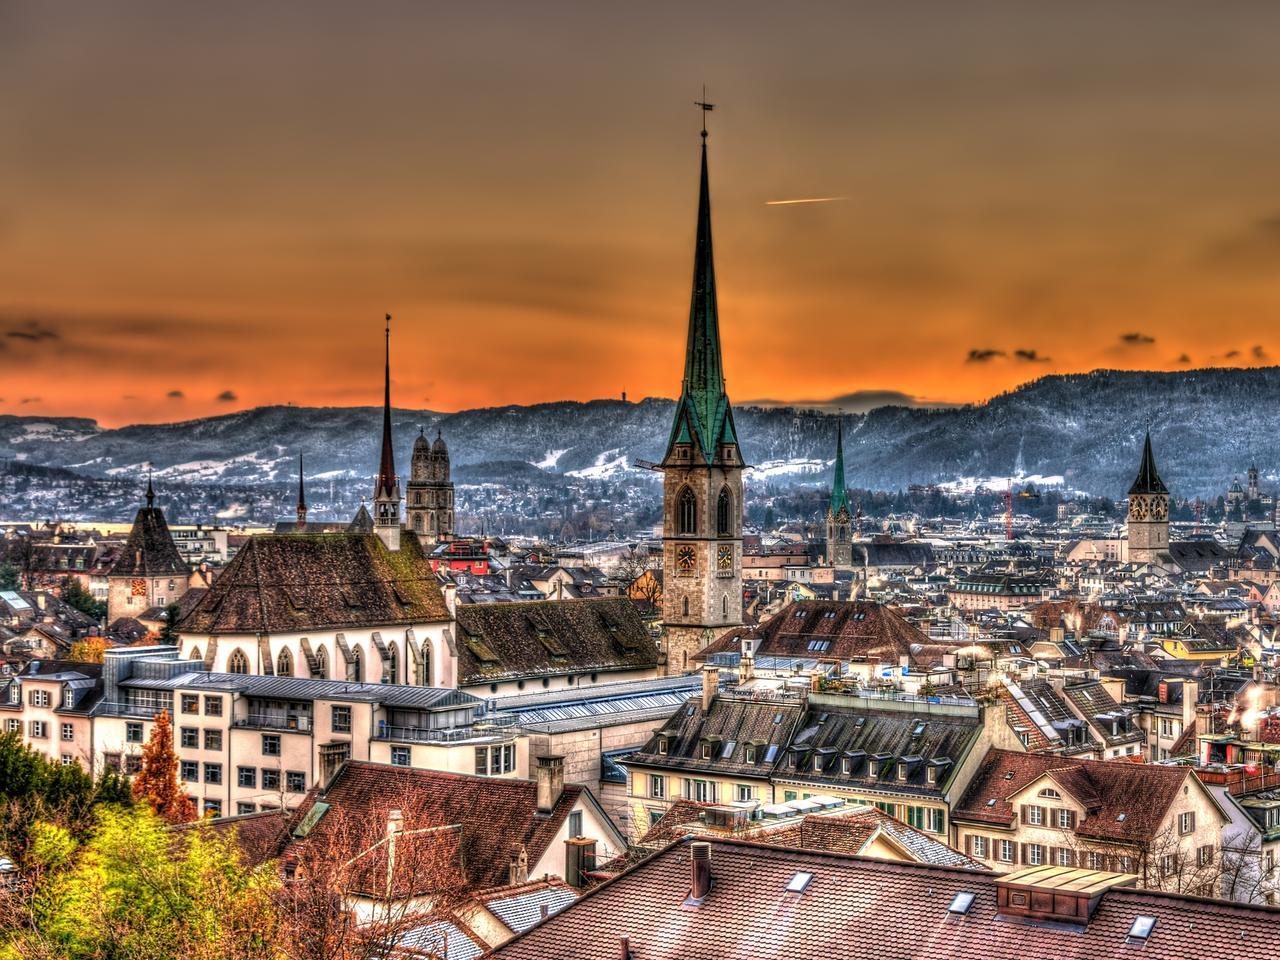 Cityscape of Zurich, Switzerland in winter at sunset